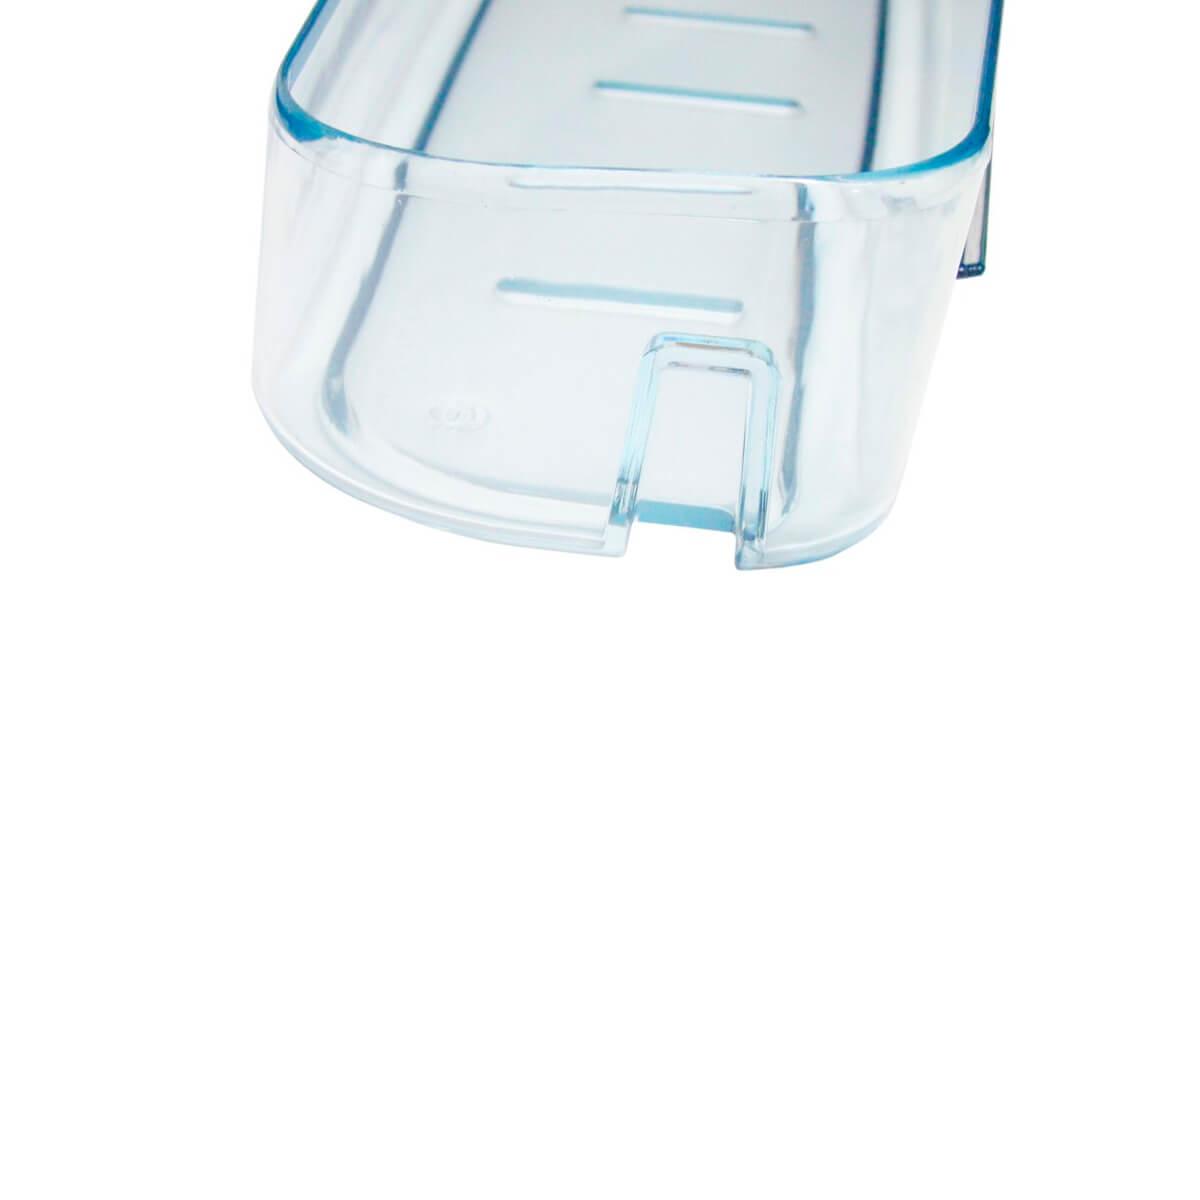 Prateleira Rasa Do Refrigerador Electrolux -  87187246